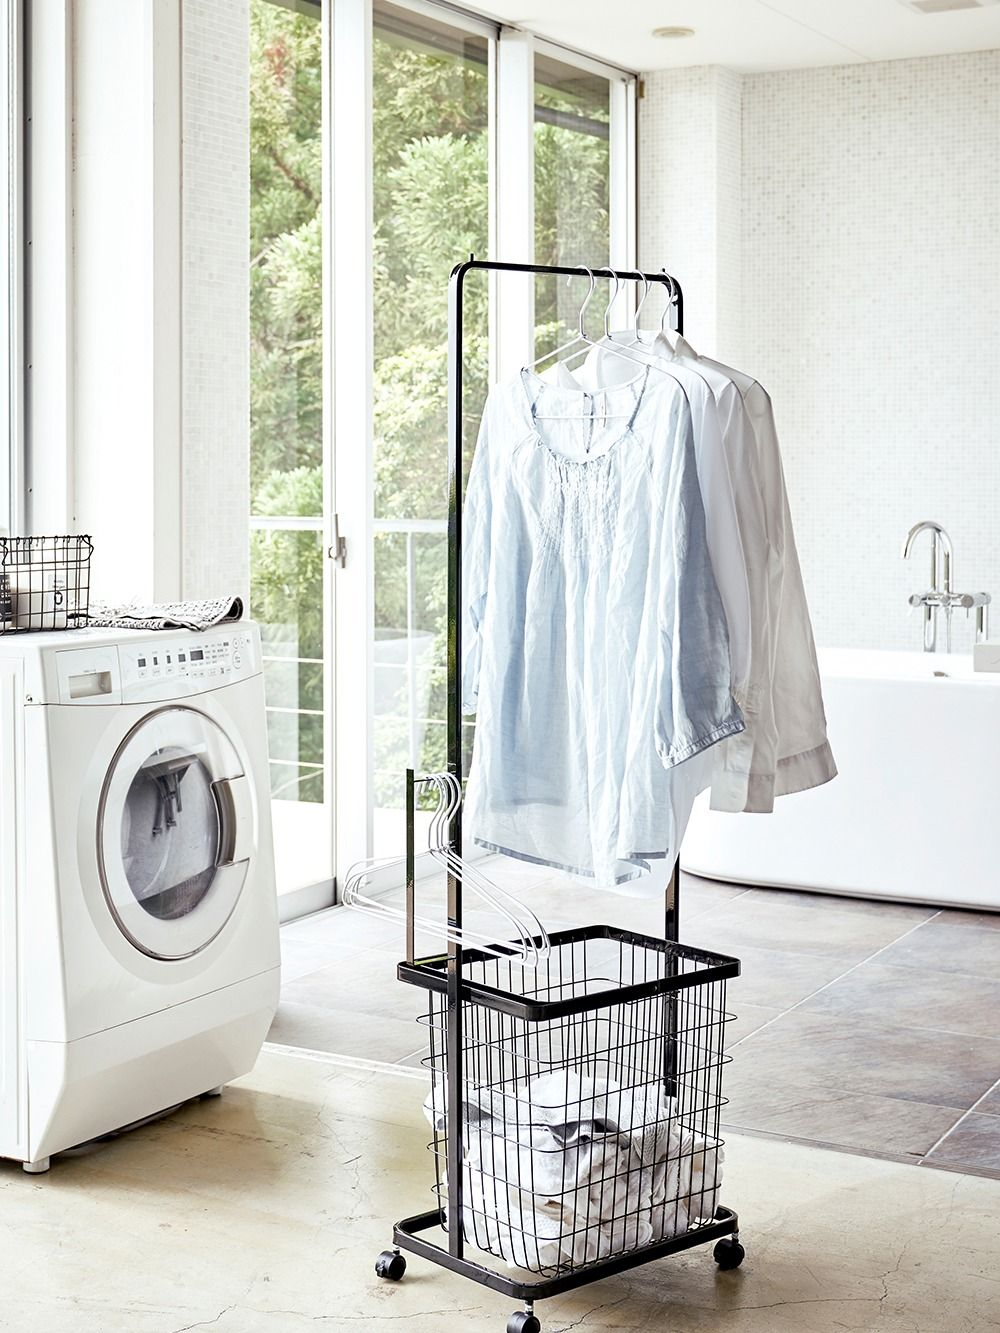 洗濯物を洗濯機から出しながらすぐに干せて効率的 ランドリー